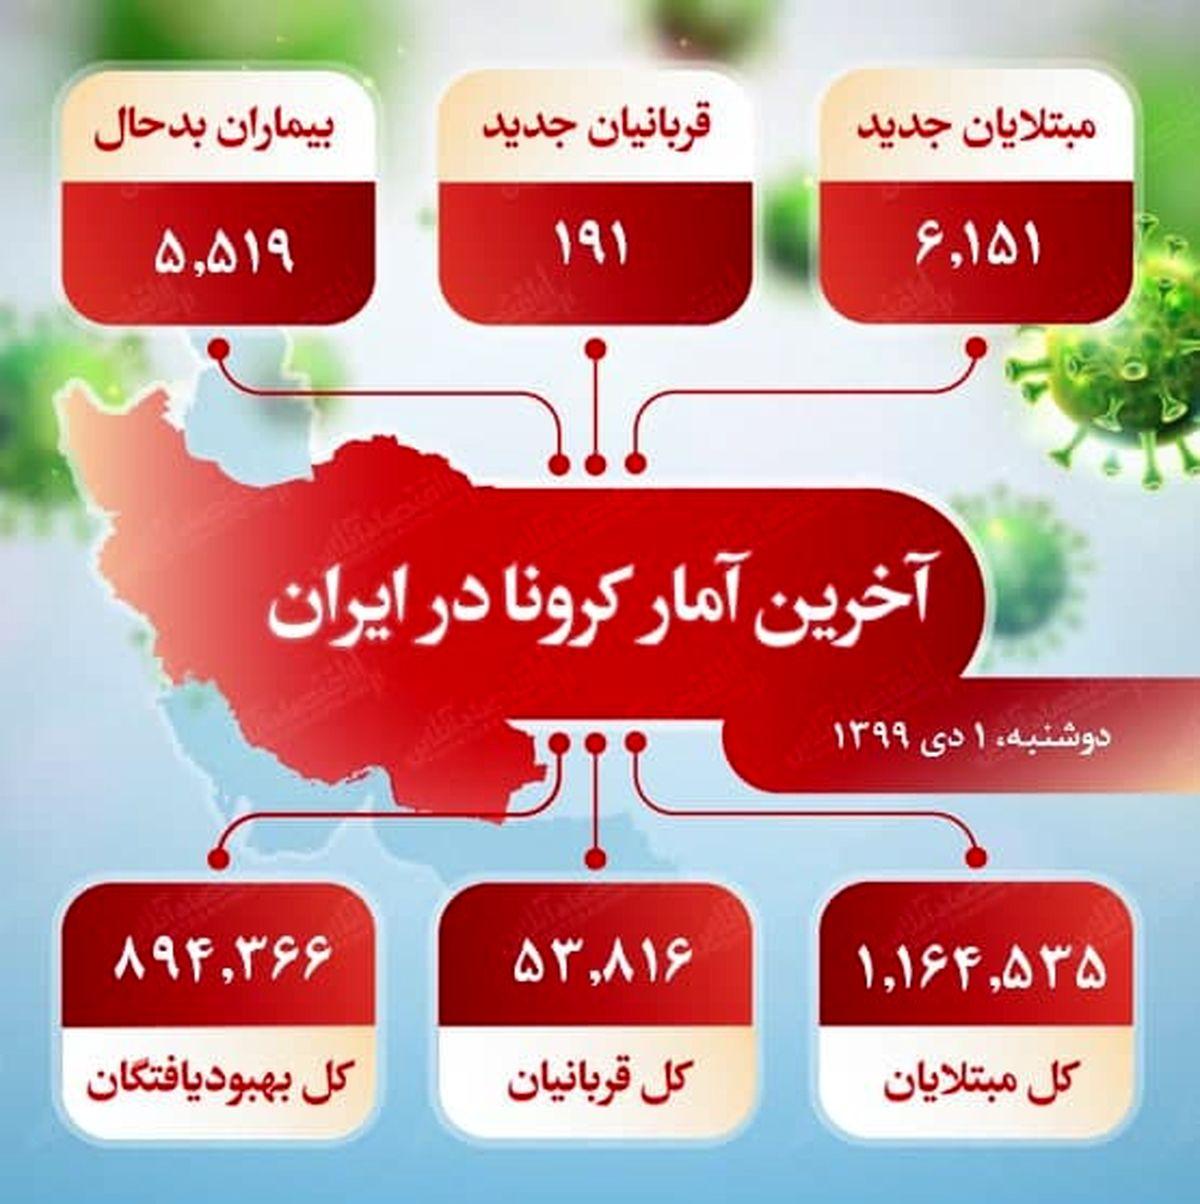 آخرین آمار کرونا در ایران (۹۹/۱۰/۱)